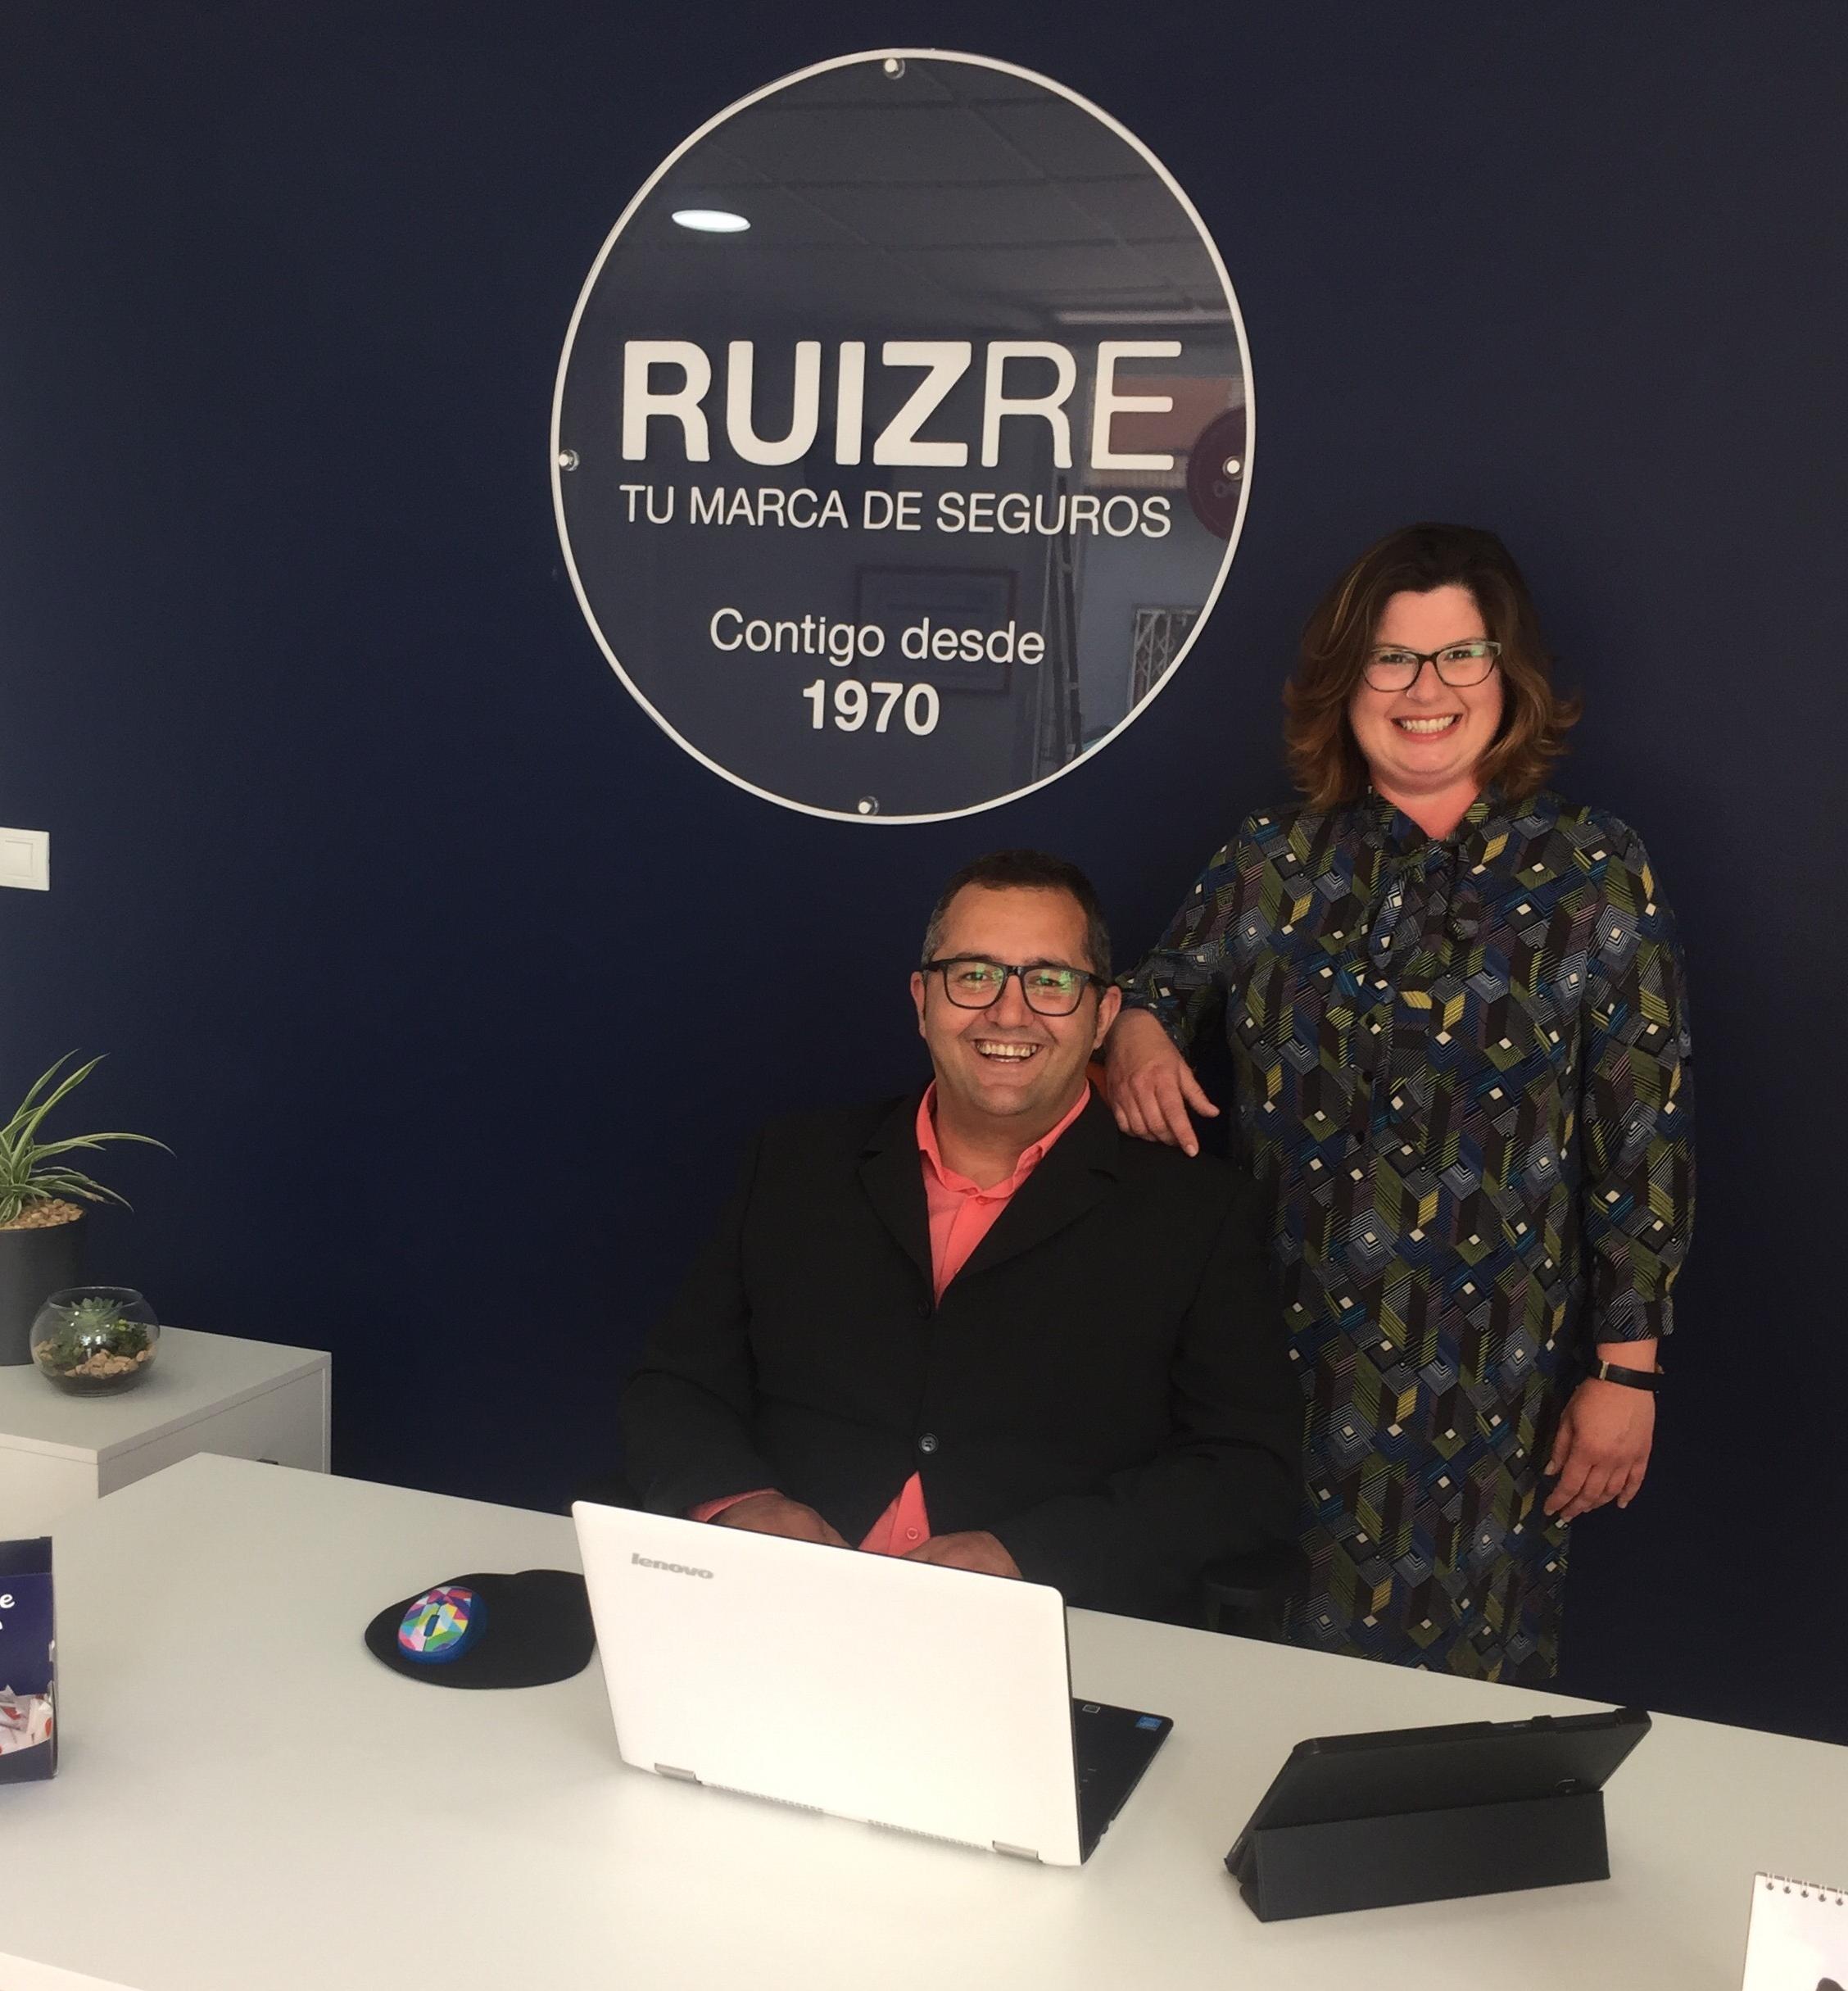 Fran y mabel mediadores de ruiz re en adra ruizre for Convenio colectivo oficinas y despachos almeria